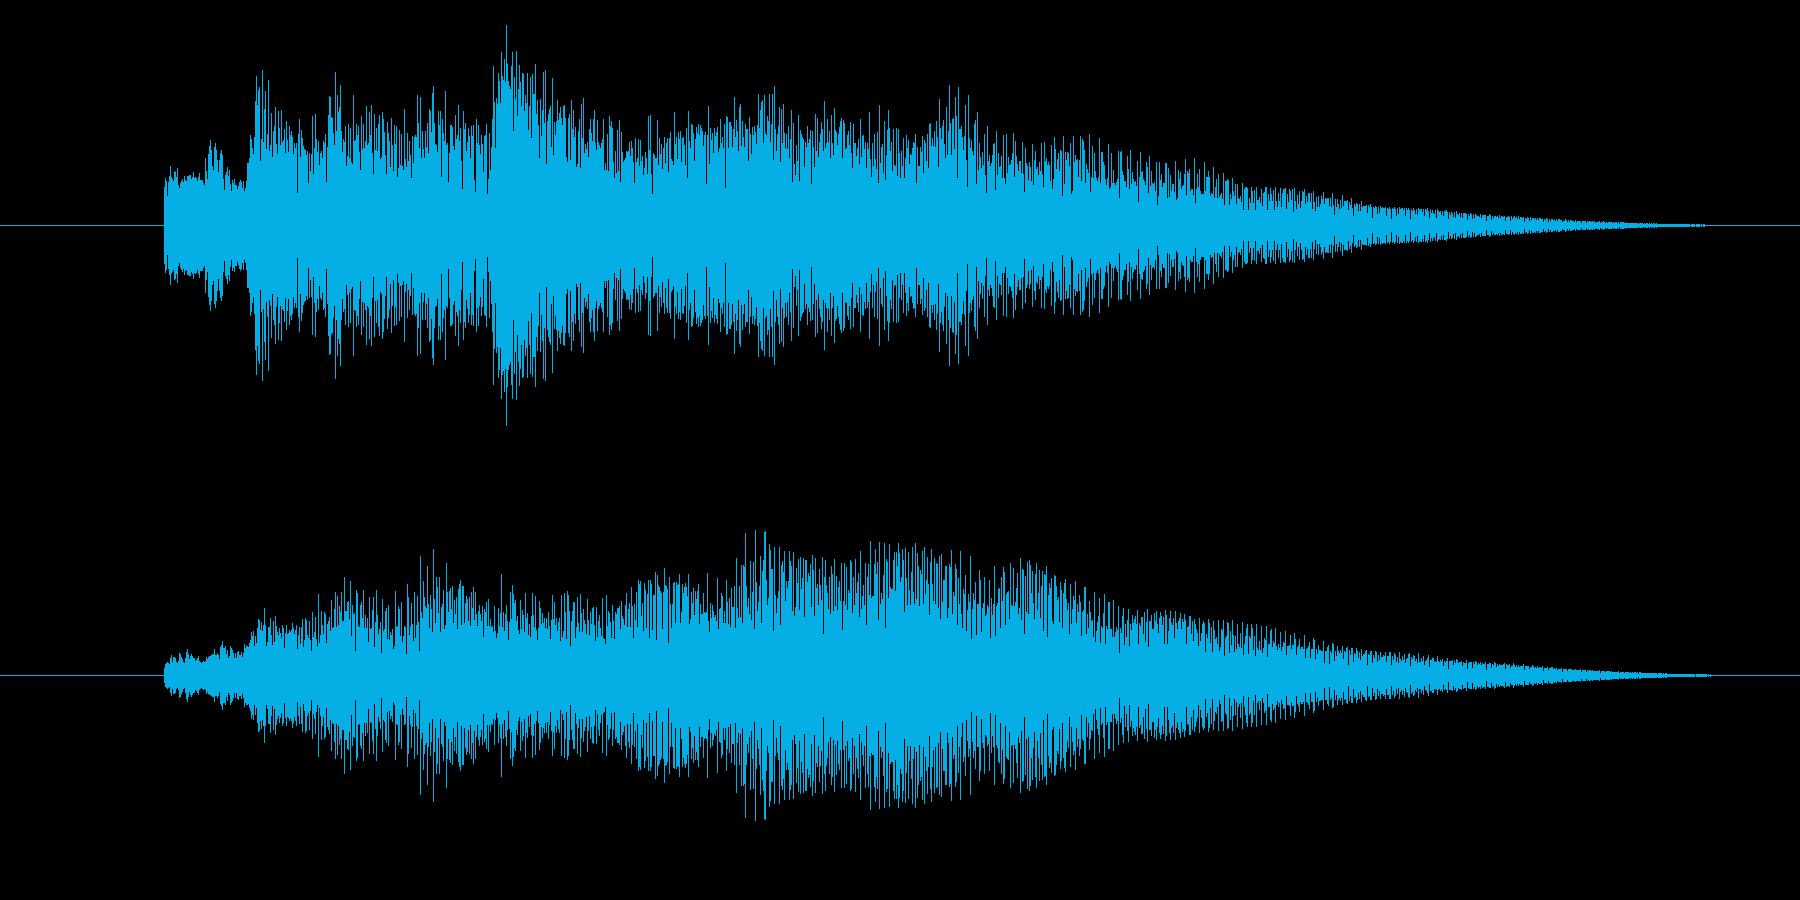 サウンドロゴ「ピアノ・ベル明るめ」の再生済みの波形